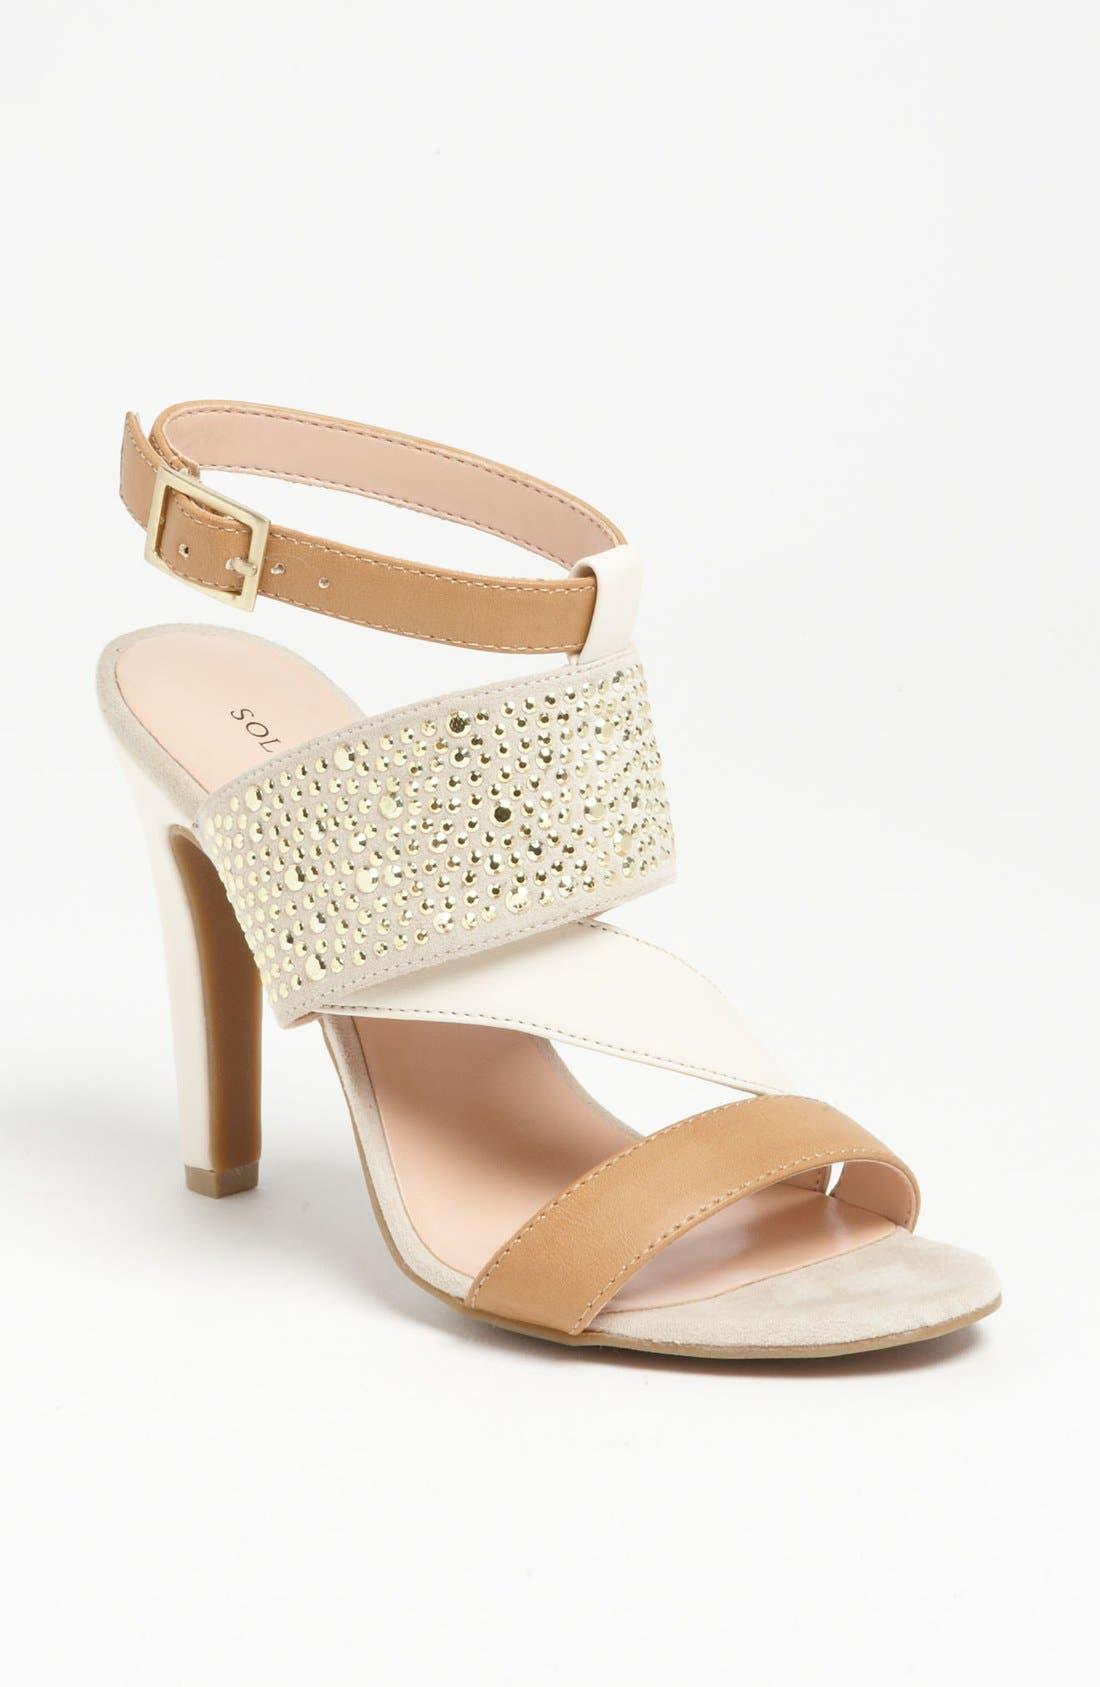 Main Image - Sole Society 'Savannah' Sandal